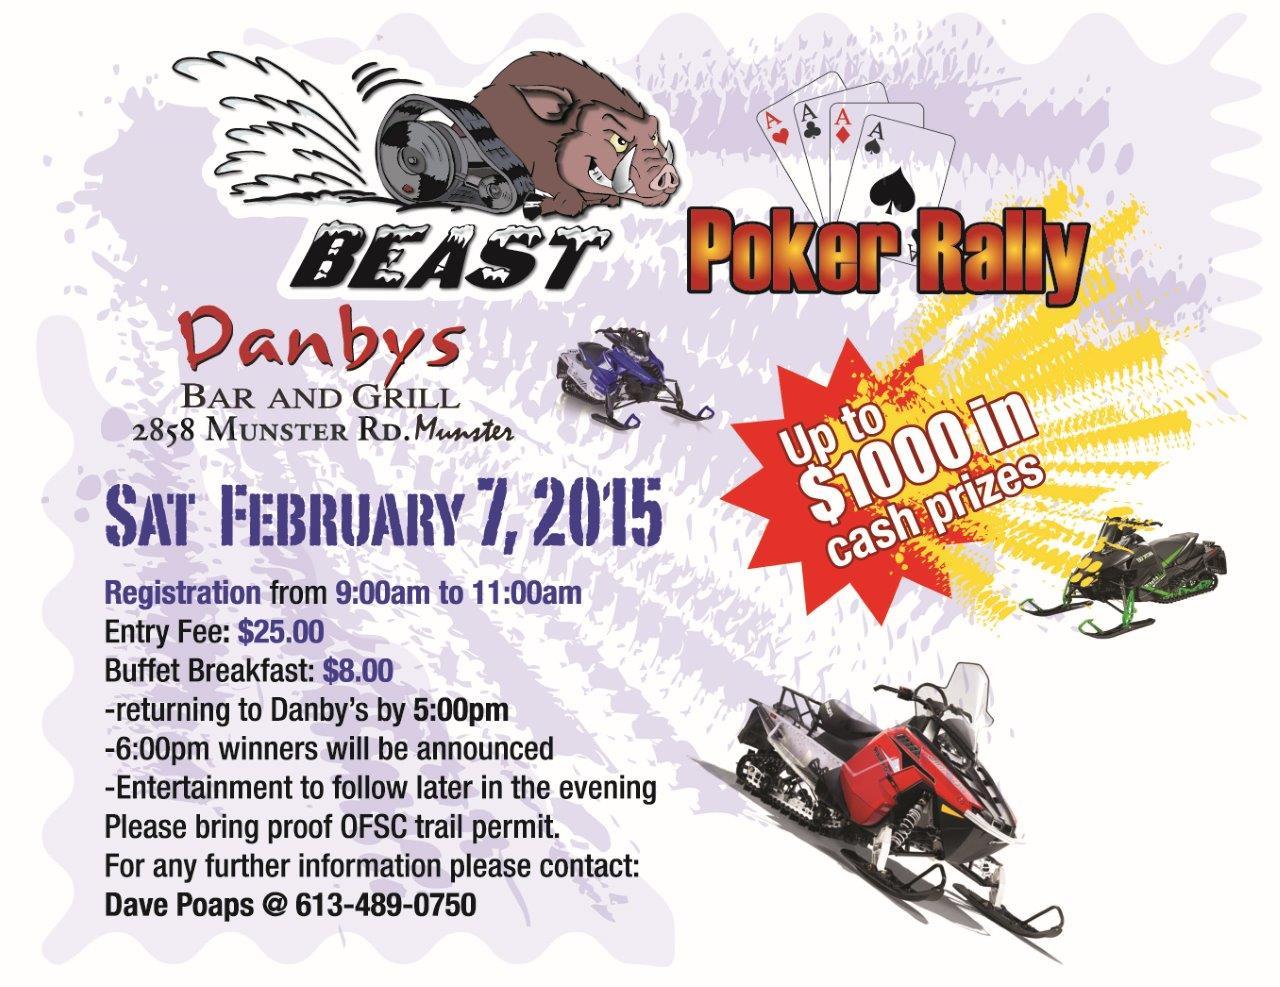 Beast Poker Rally-2015 v2